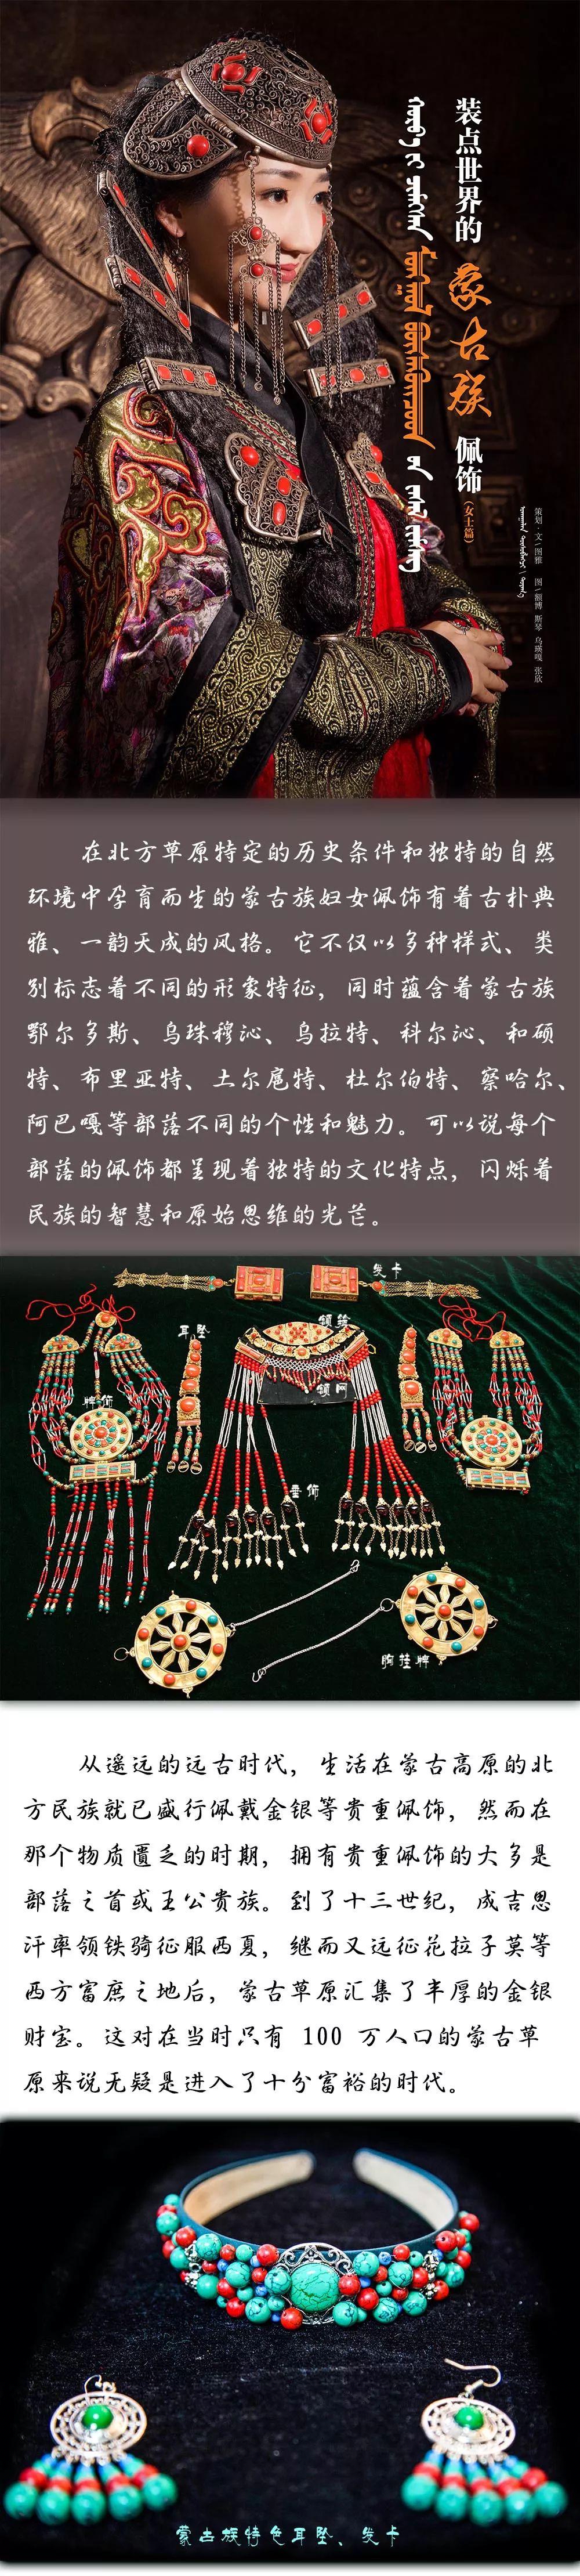 装点世界的蒙古族佩饰 | 女士篇 第7张